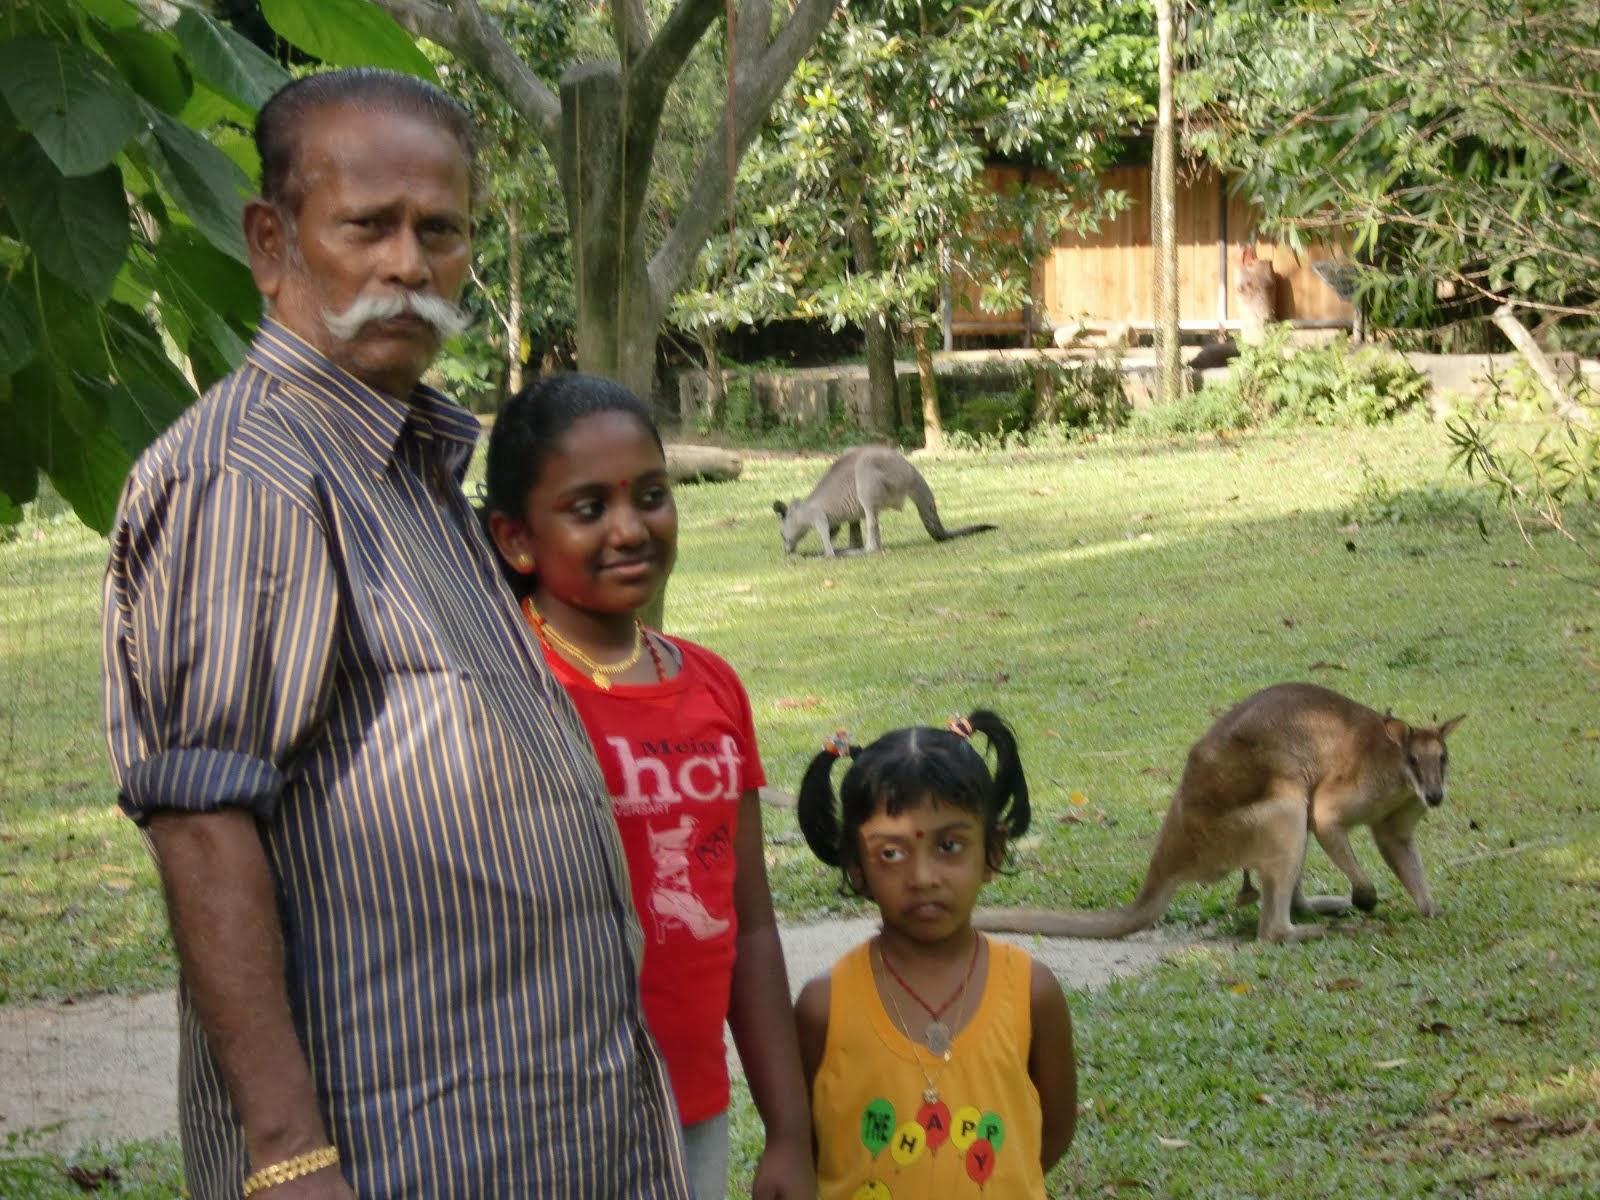 ஓம் ஸ்ரீம் ஹ்ரீம் க்லீம் க்லௌம் கம்